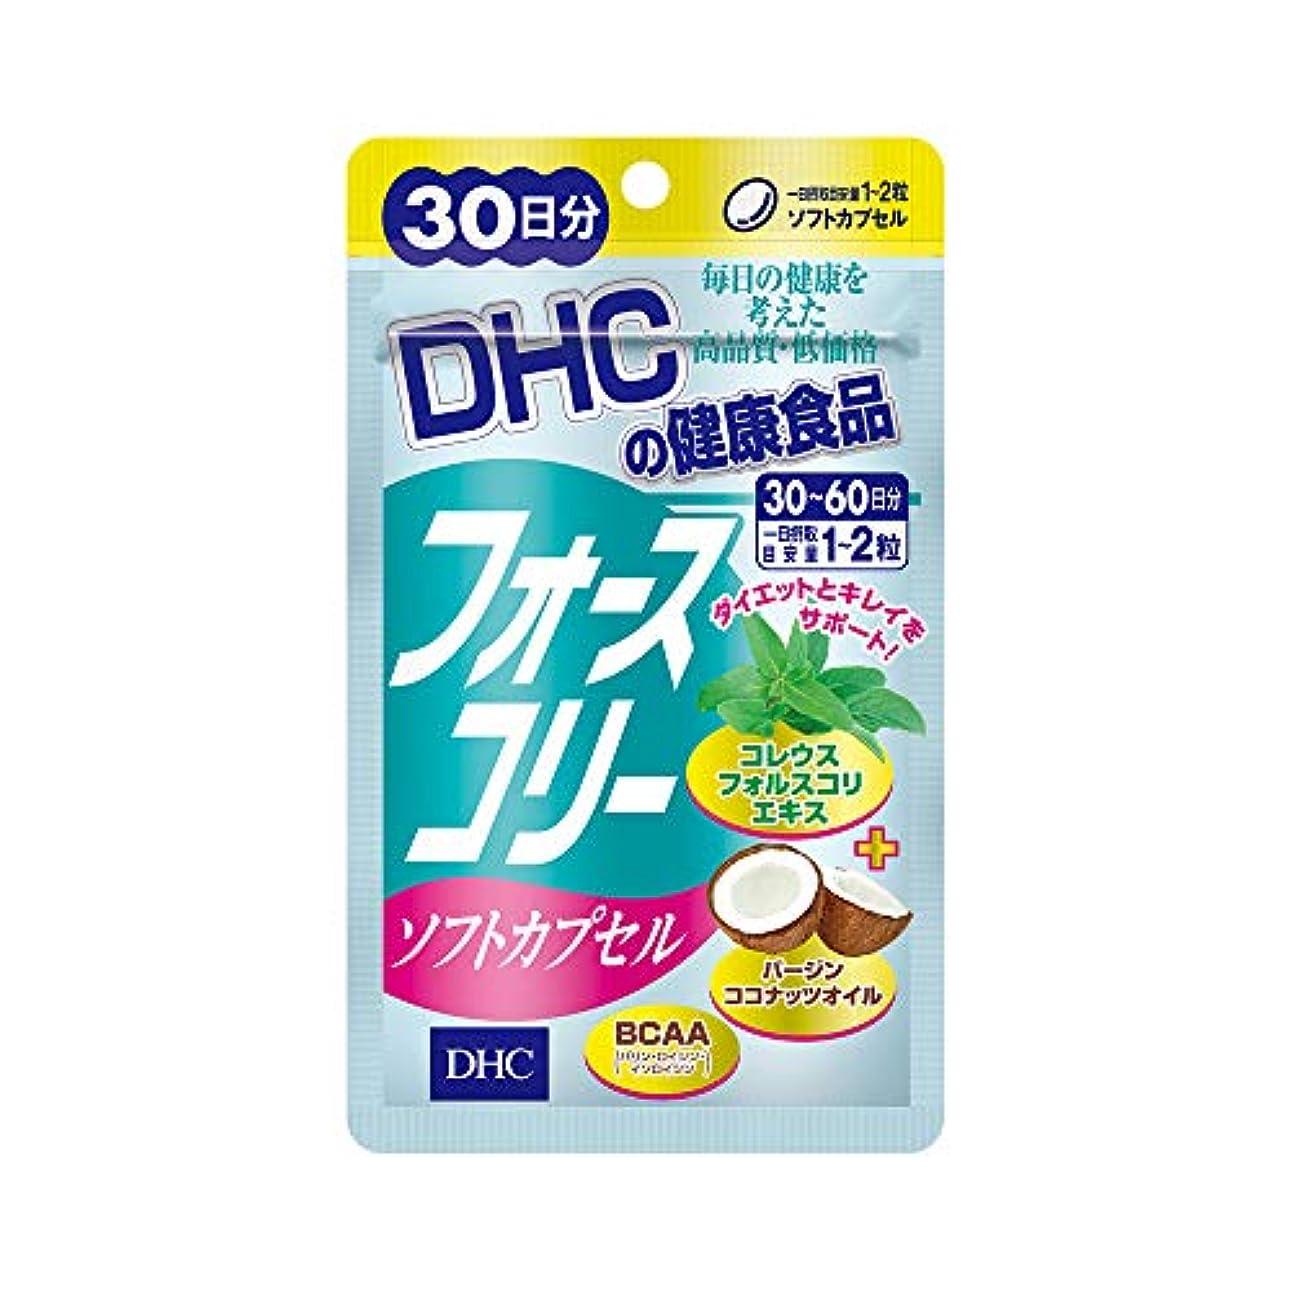 ダンプフリースリーガンDHC フォースコリー ソフトカプセル 30日分